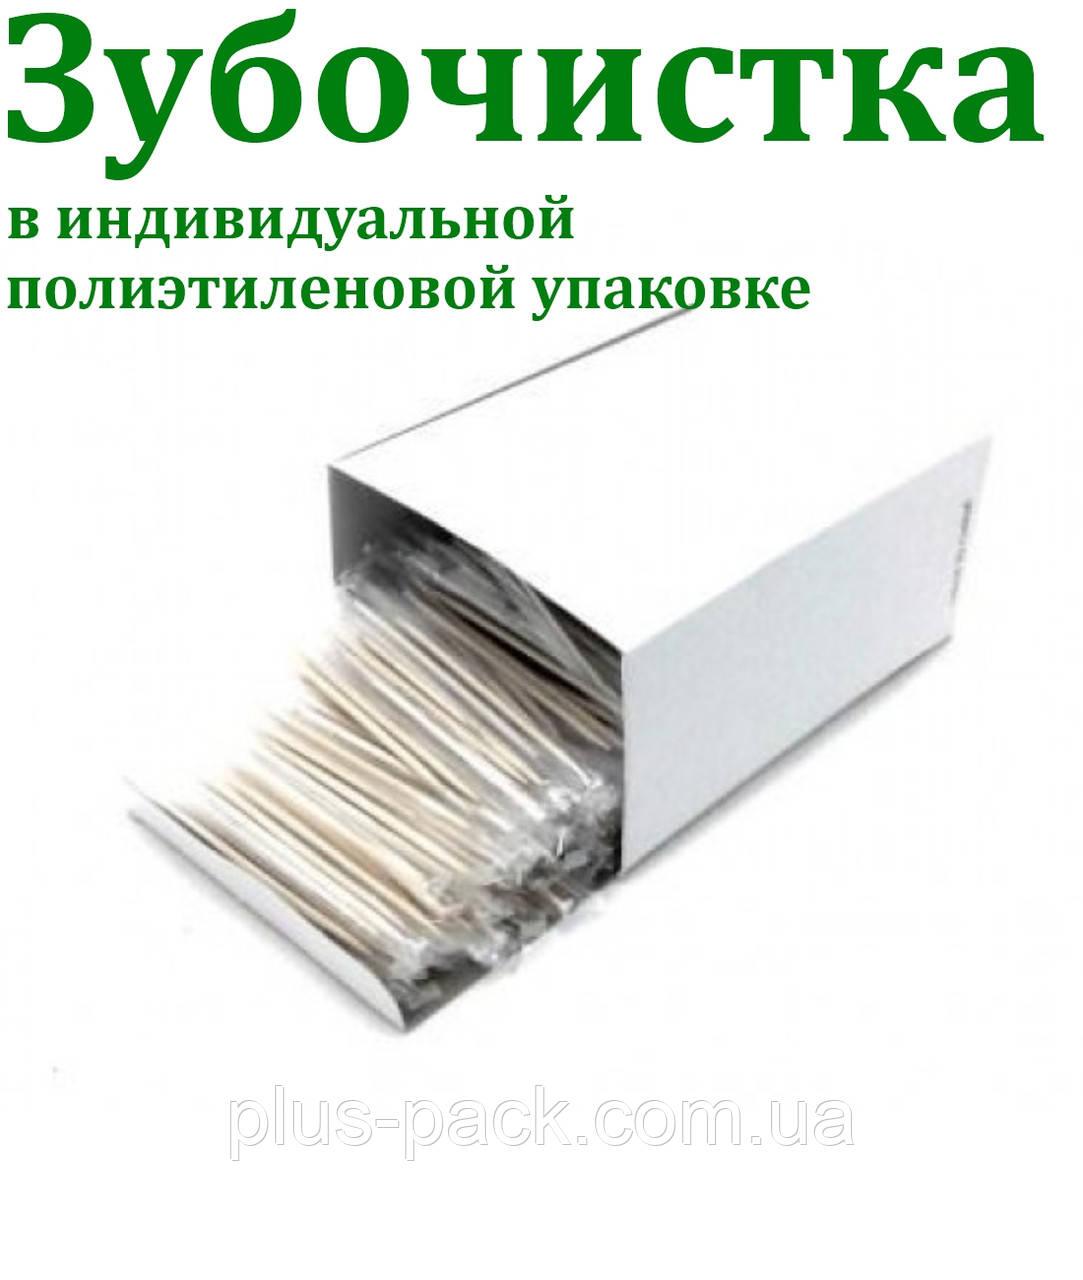 Зубочистки в индивидуальной полиэтиленовой упаковке